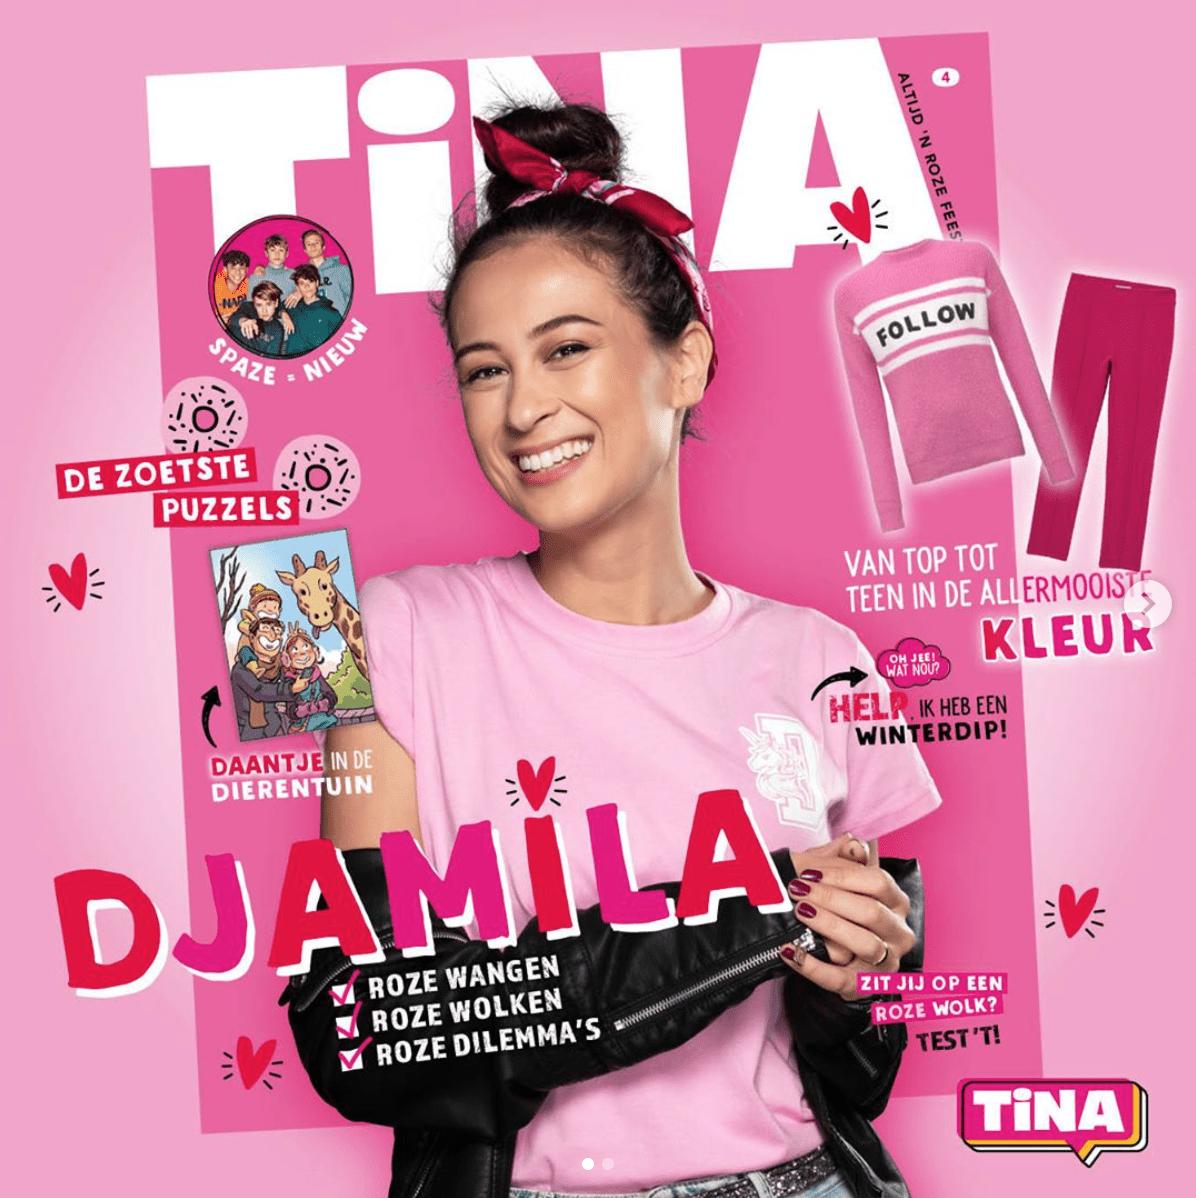 pers-tijdschrift-tina-cover-beeld-meisje-djamila